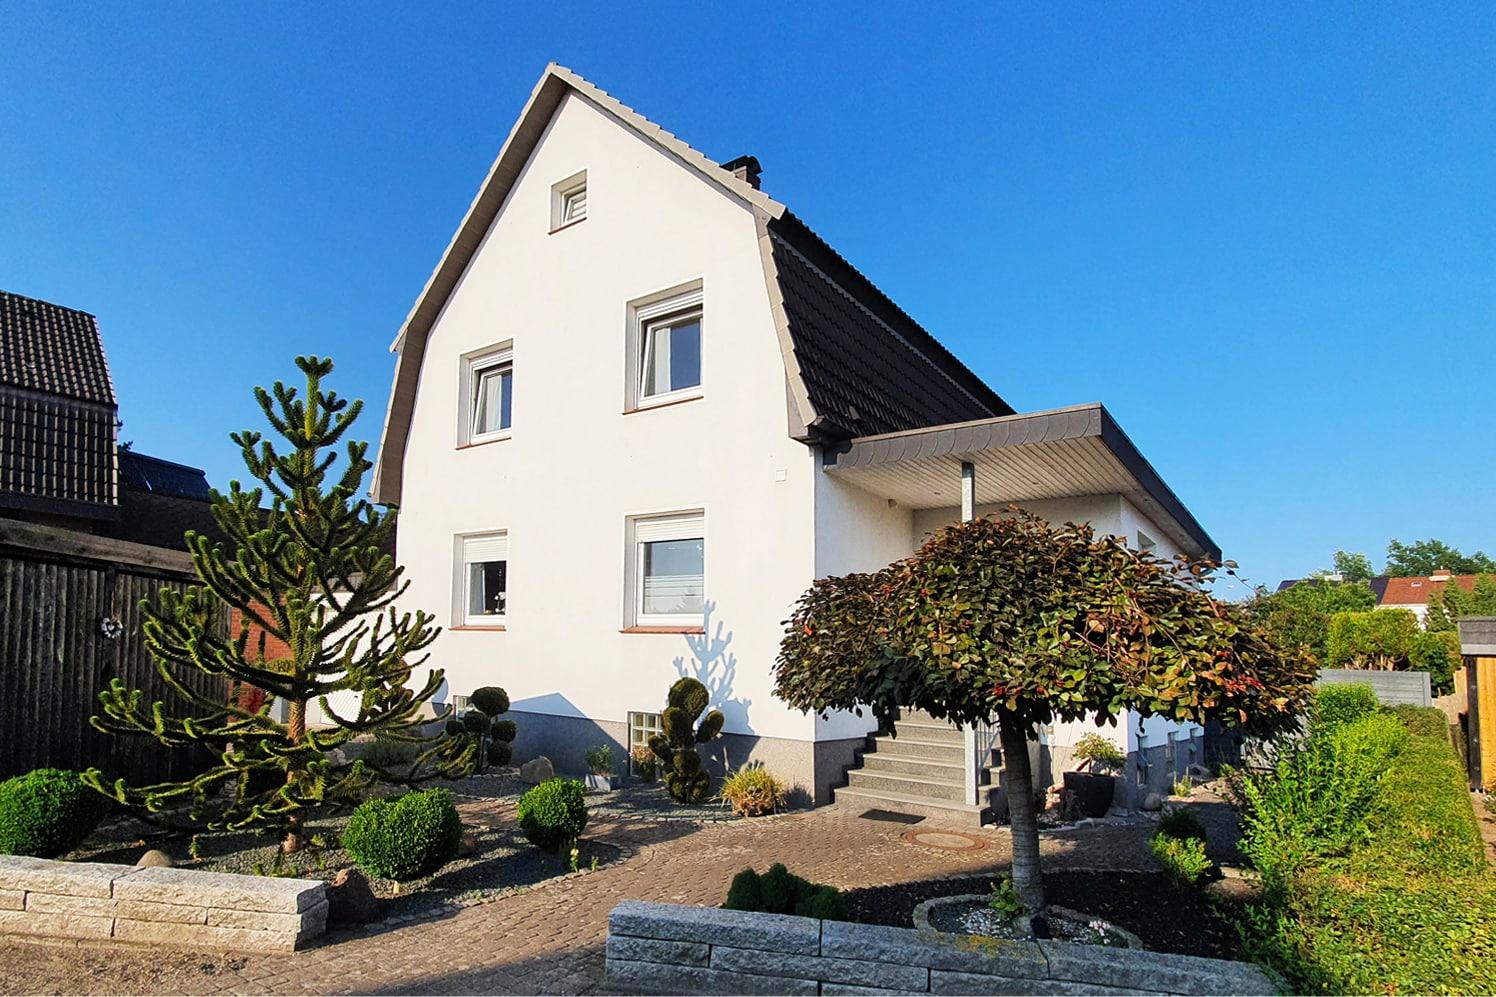 Weißes Haus mit zwei Bäumen und vielen kleinen Pflanzen im Vorgarten.